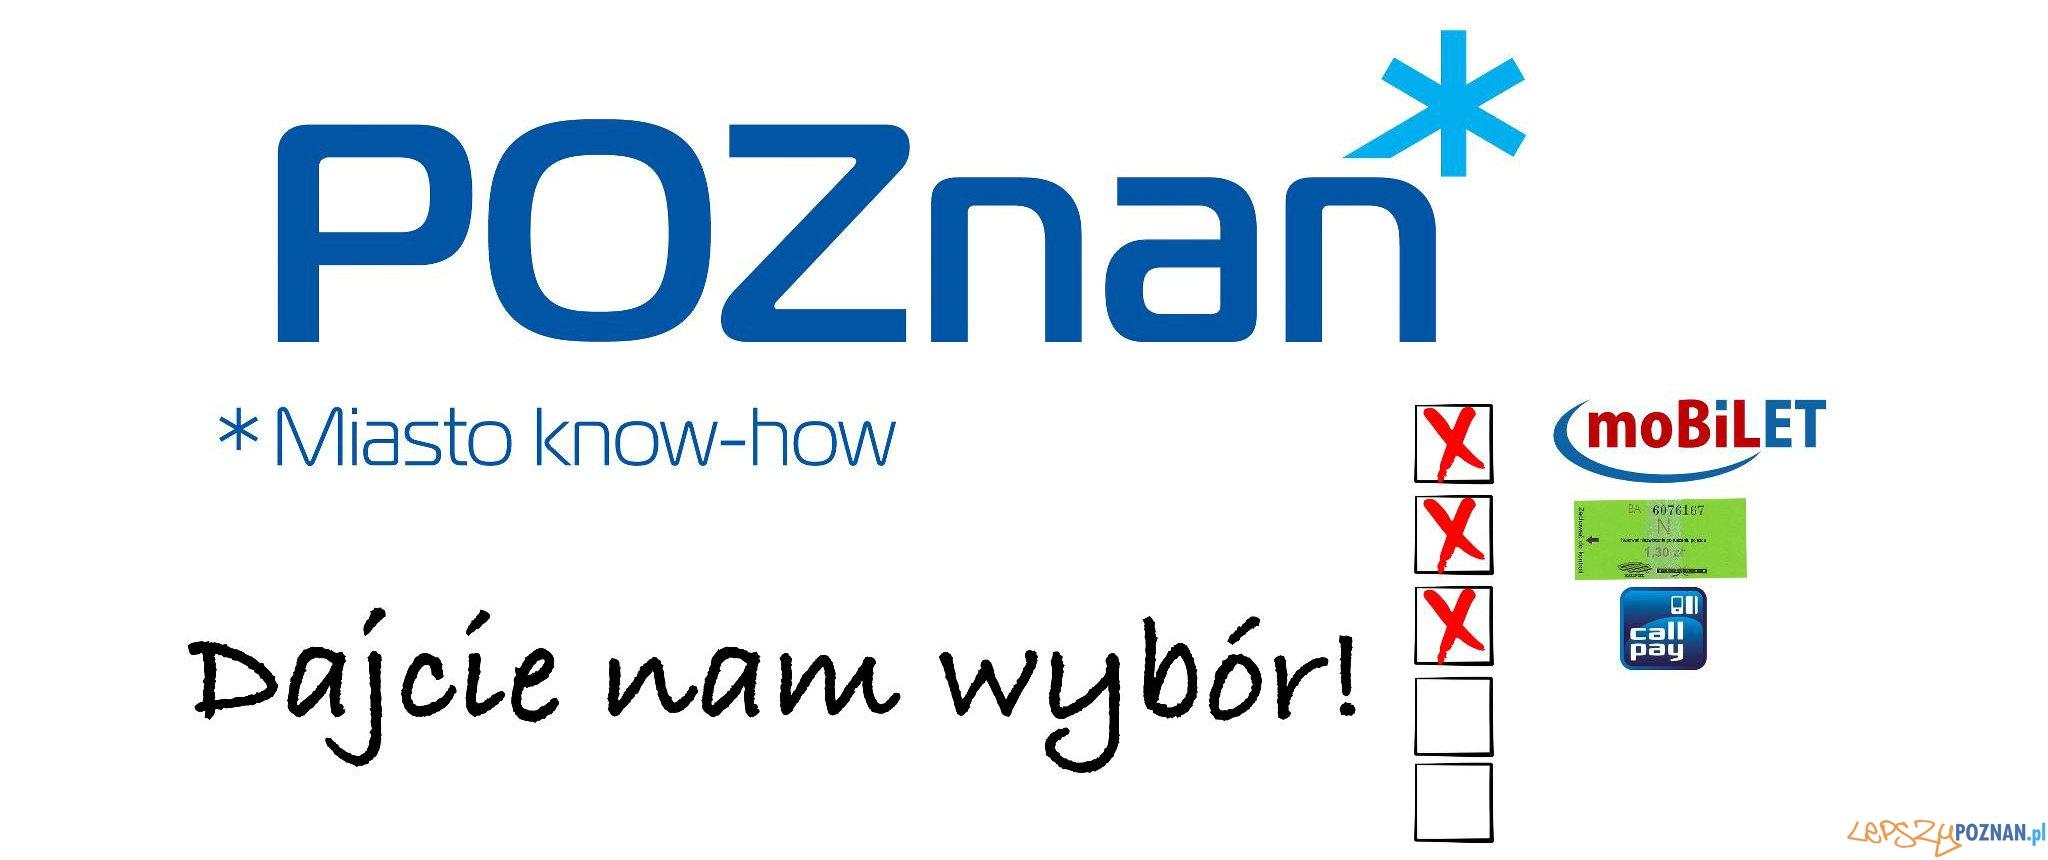 Poznań - dajcie nam wybór! Chcemy korzystać z Mobilet i INNYCH aplikacji!  Foto: Poznań - dajcie nam wybór! Chcemy korzystać z Mobilet i INNYCH aplikacji!